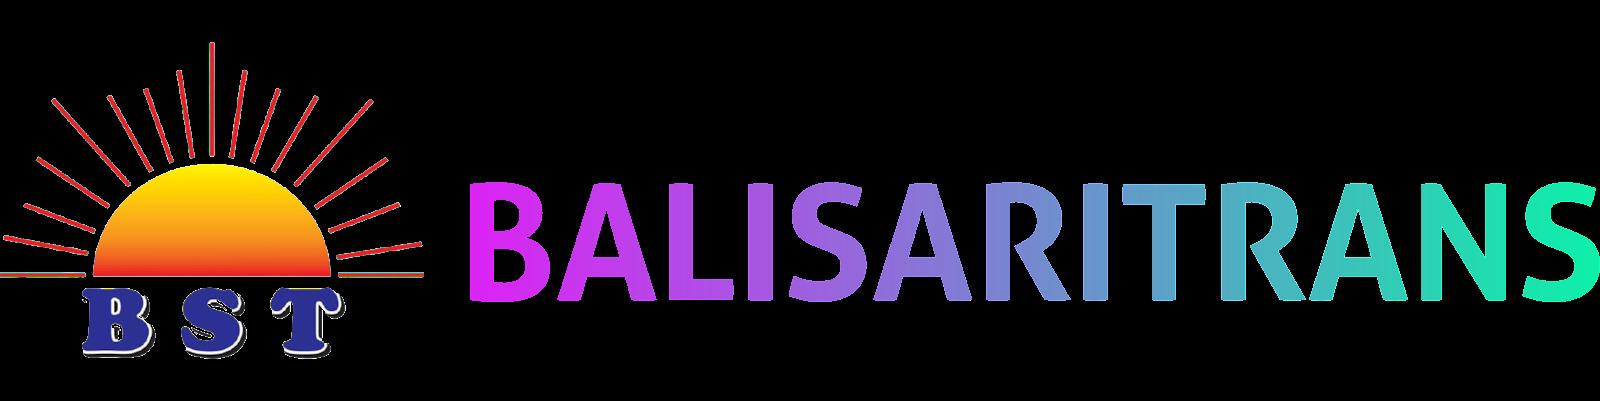 balisaritrans